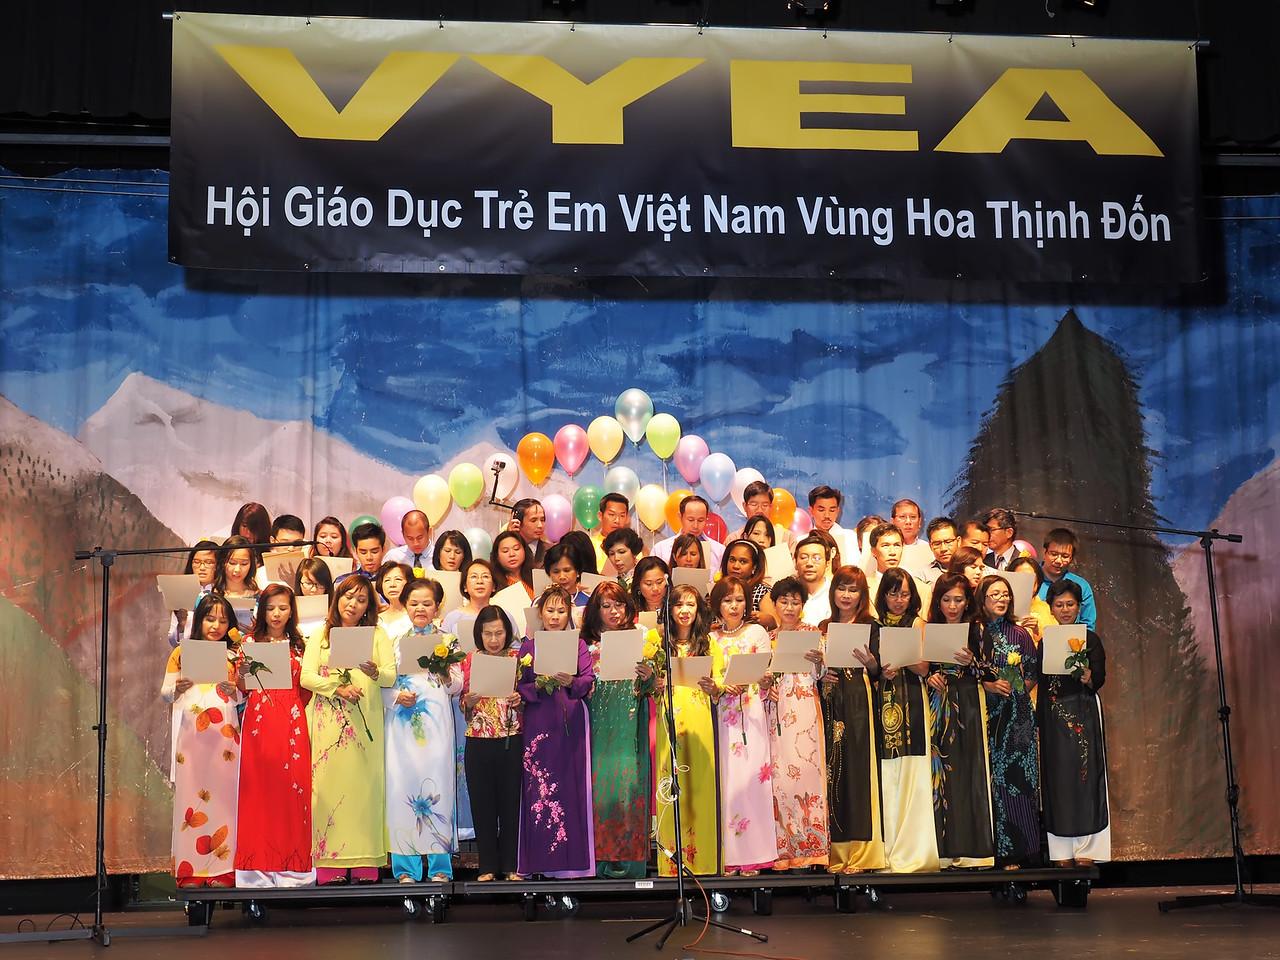 """Các Thầy Cô - """"Việt Nam Quê Hương Ngạo Nghễ"""""""